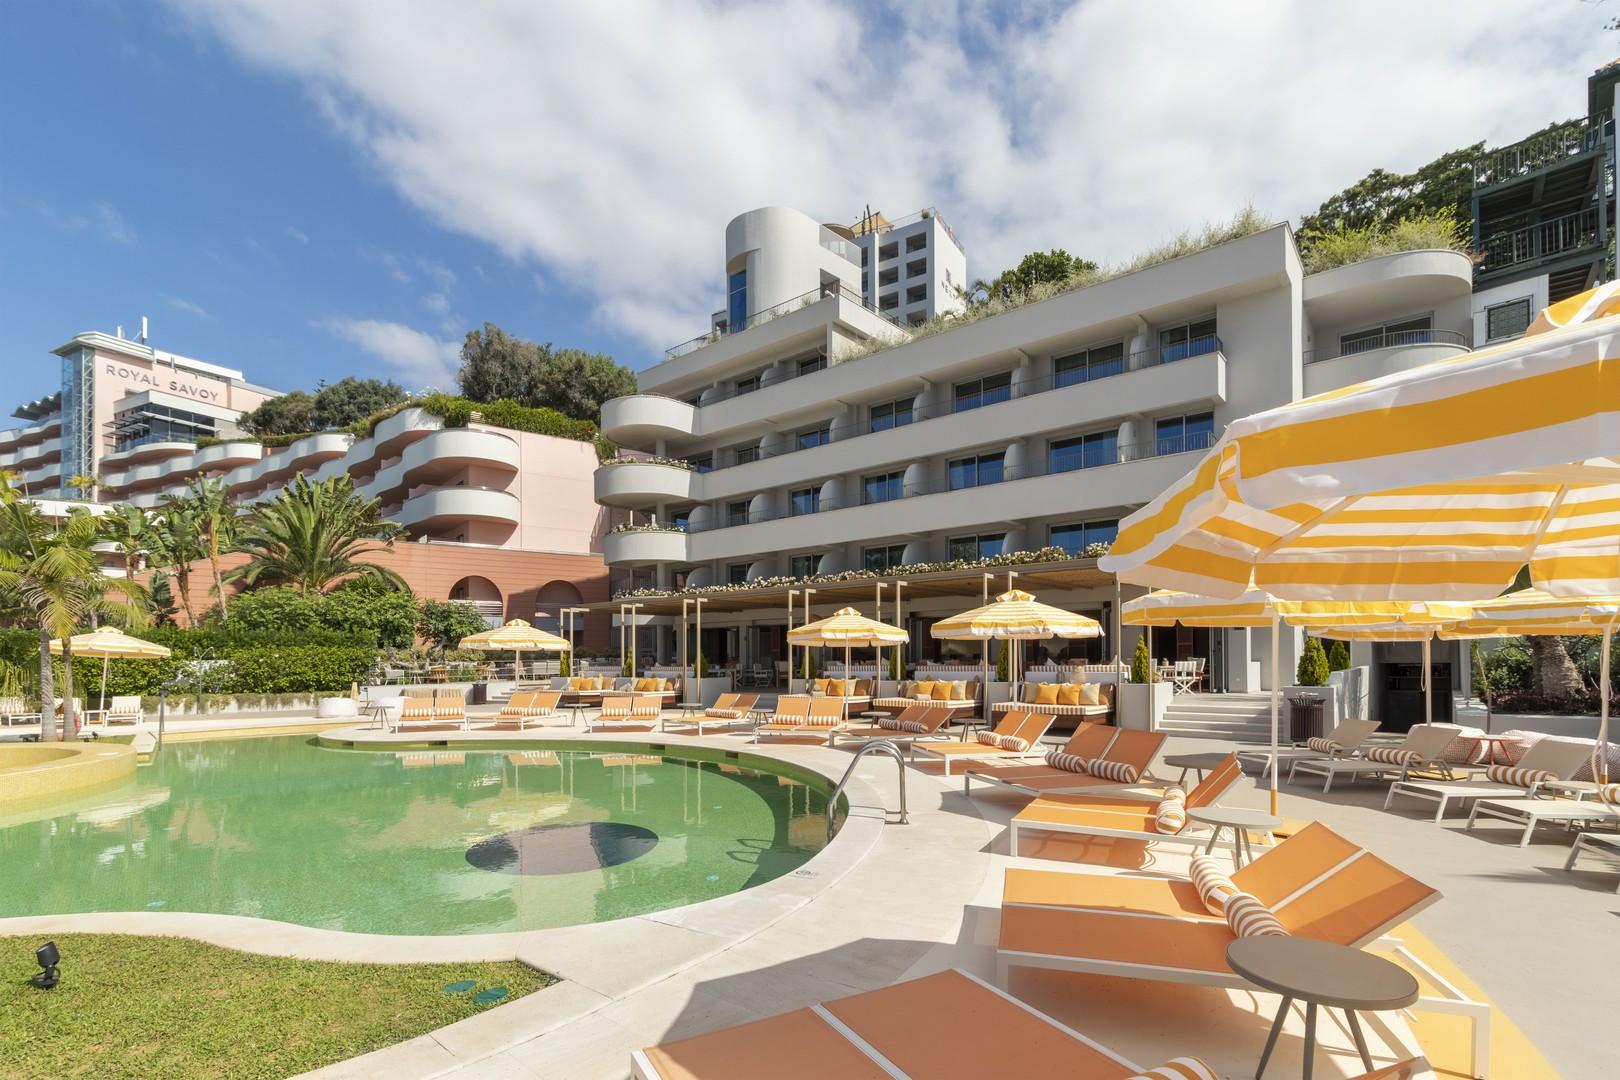 Hotel Next